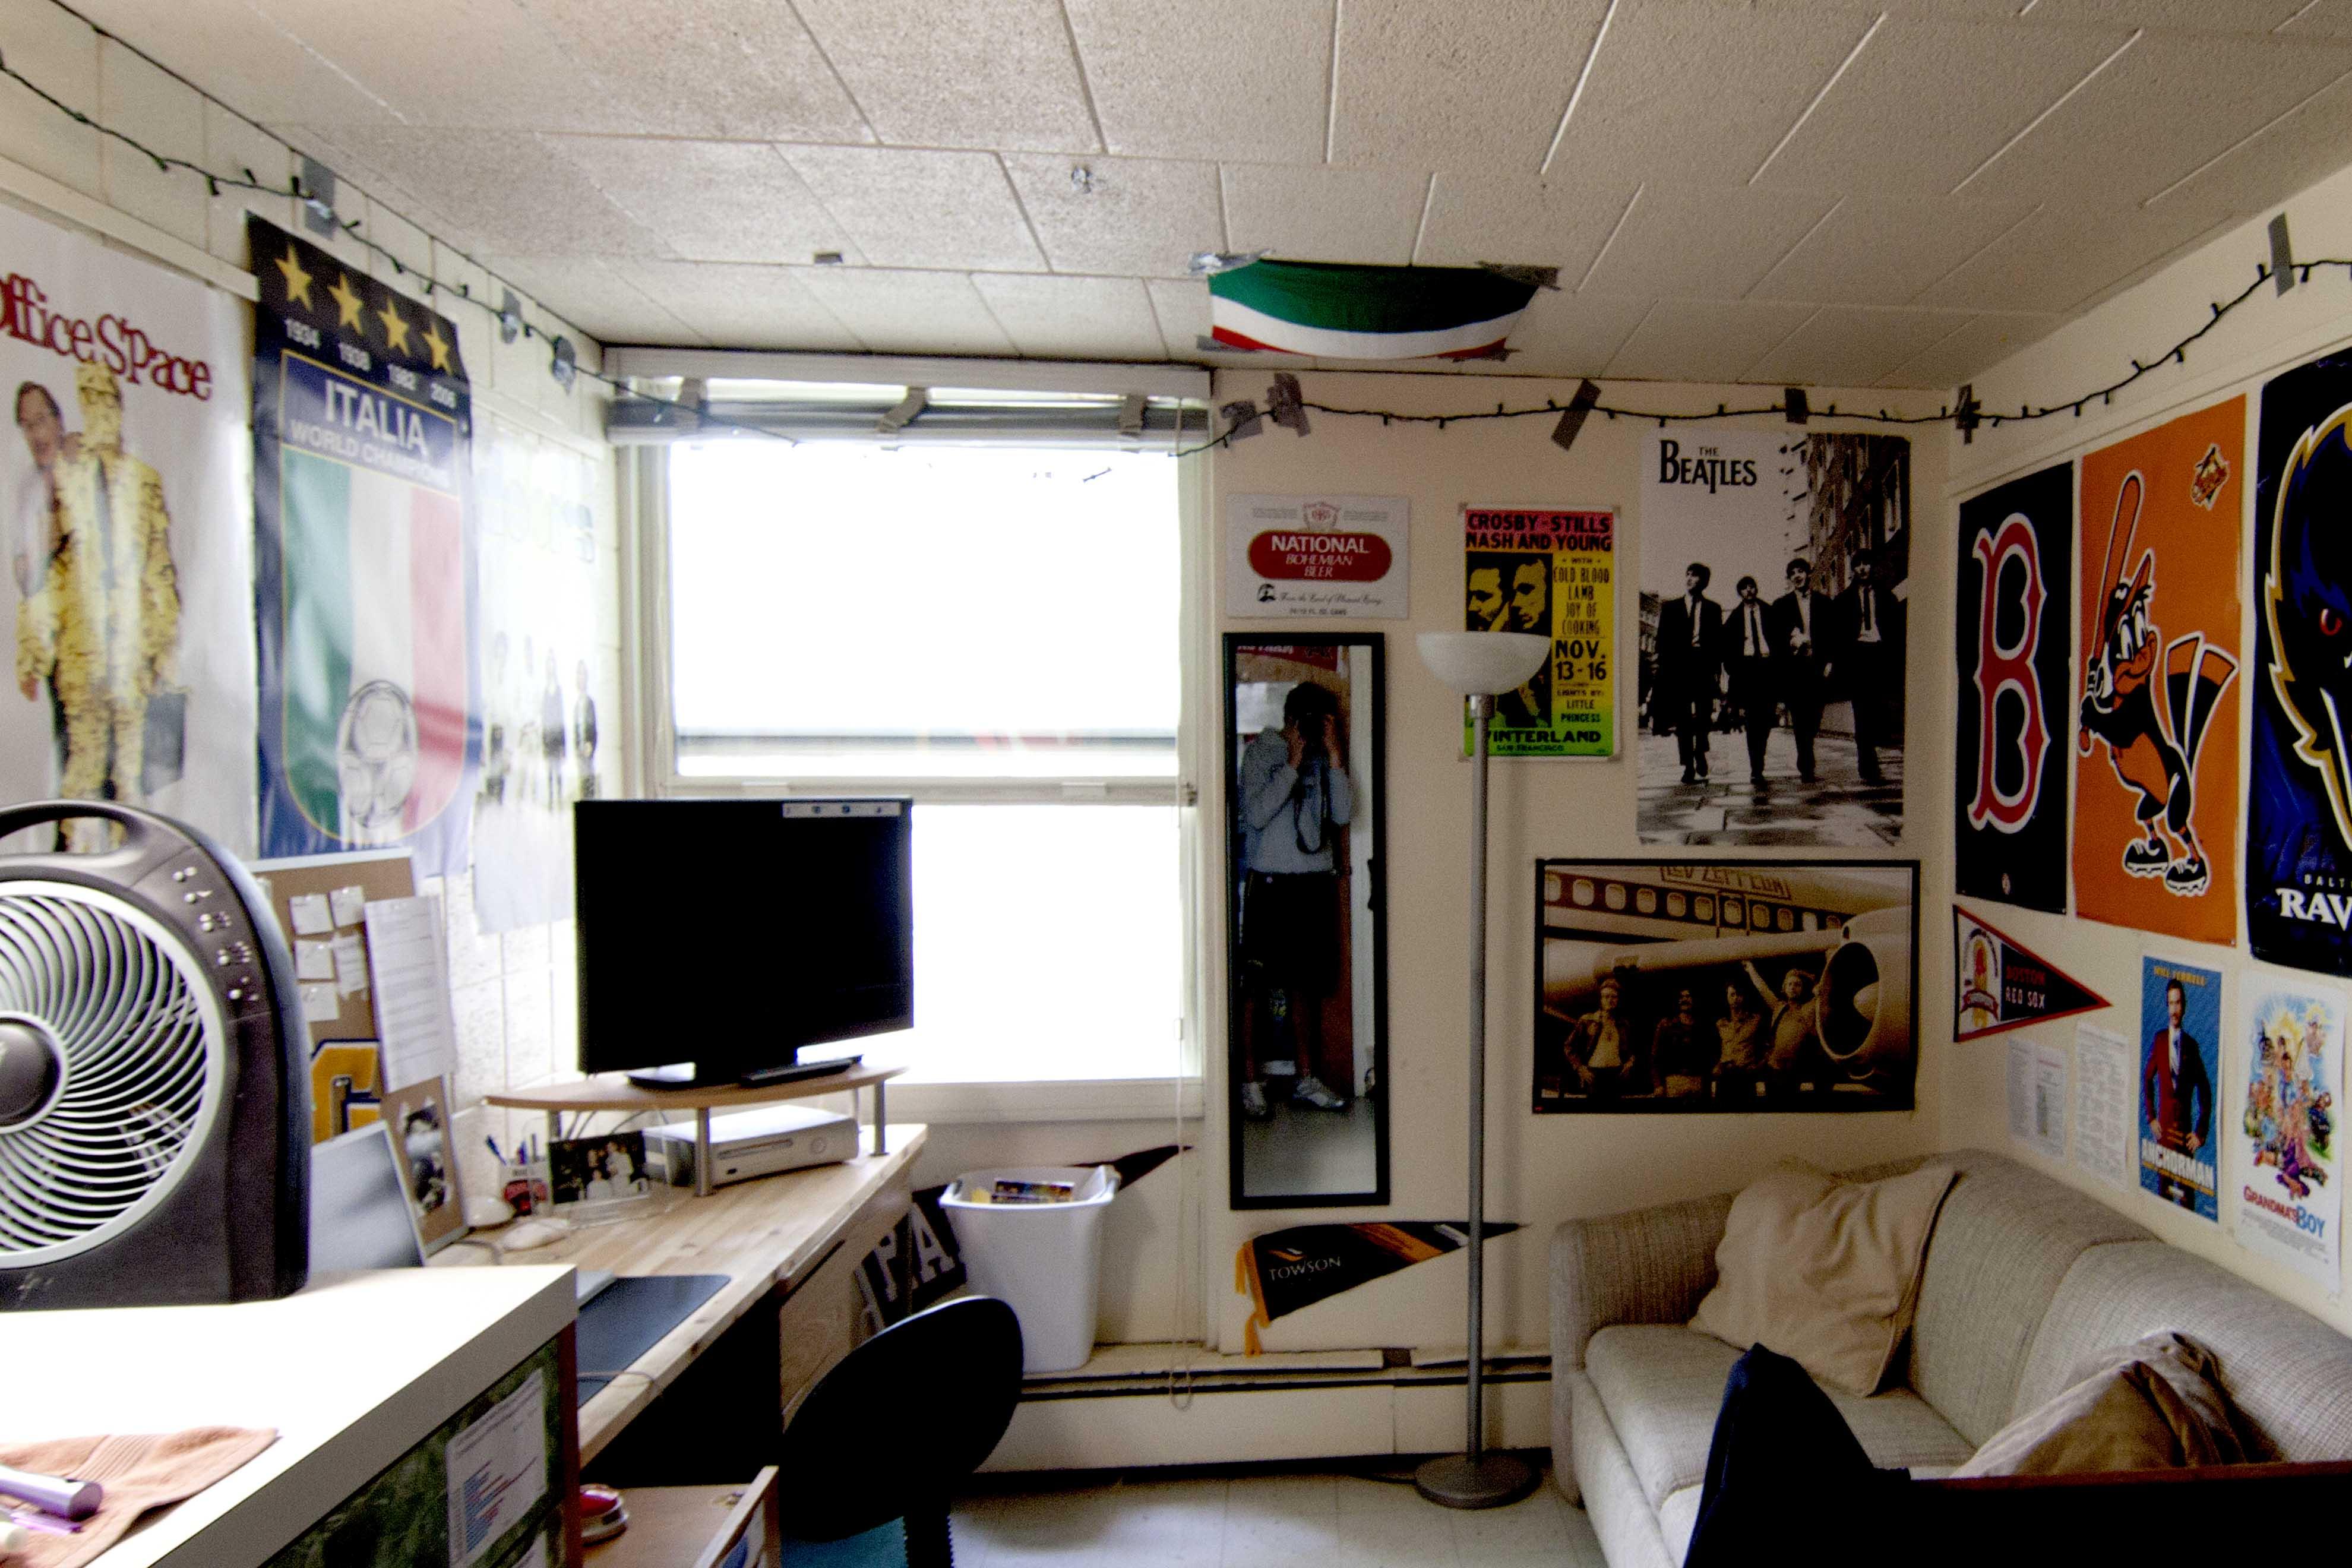 Goucher Dorm Room Pictures